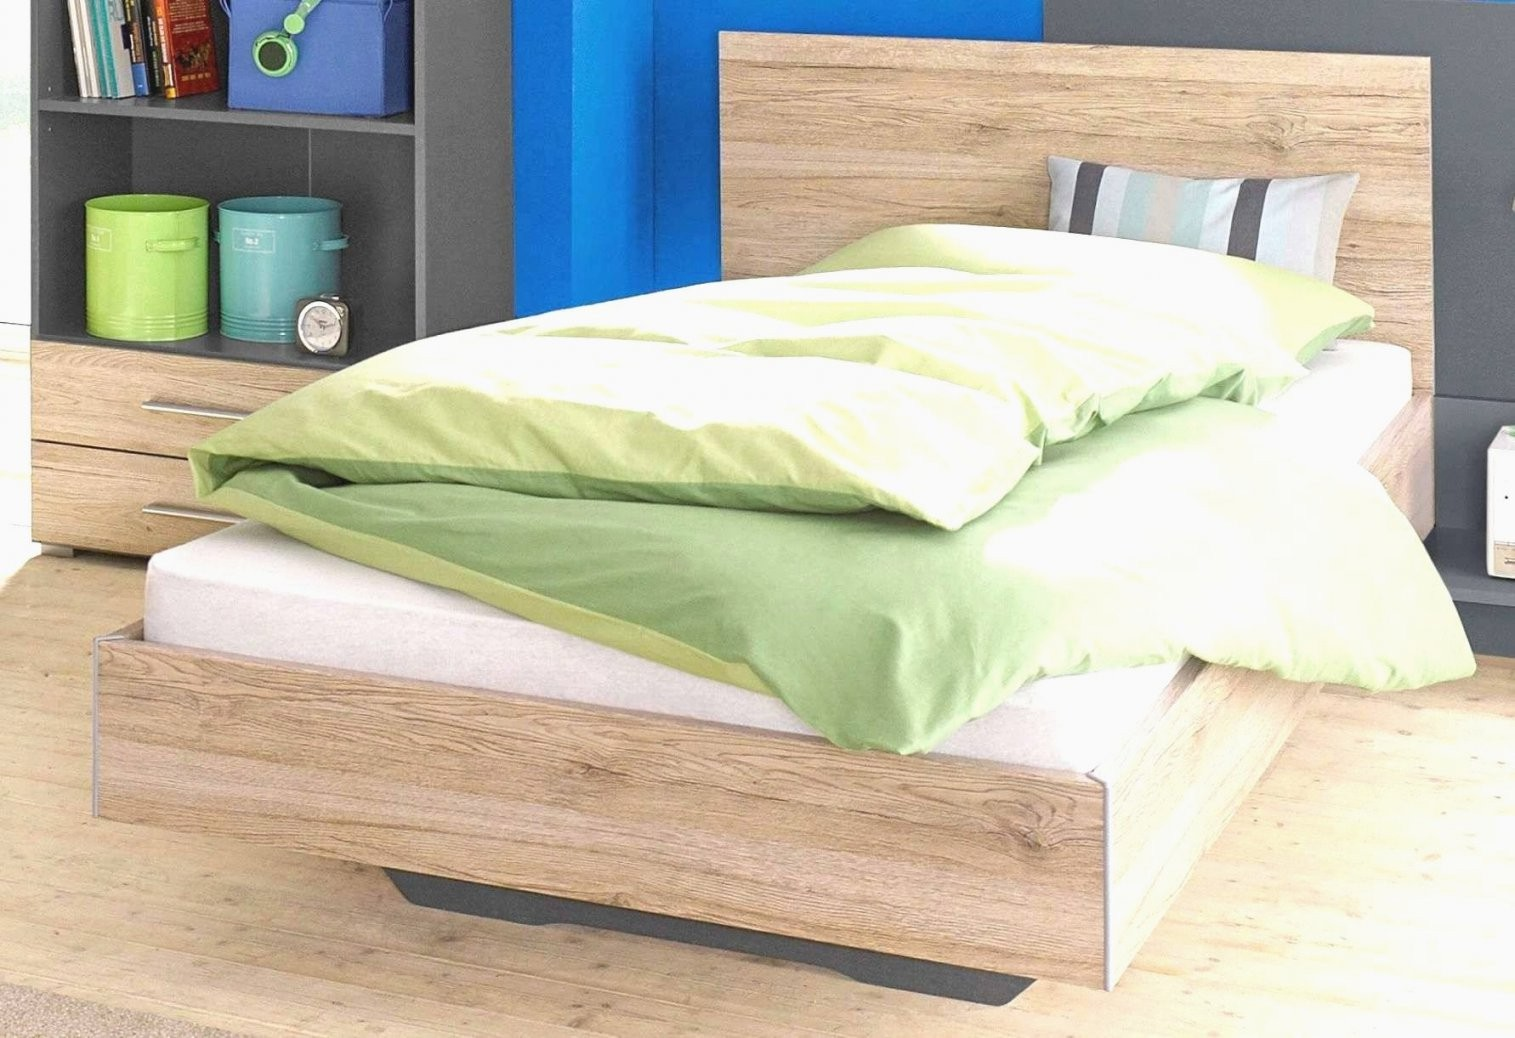 Ikea Topdekmatras Fantastische Fantastisch 27 Matratzen Topper von Matratzen Topper 80X200 Photo